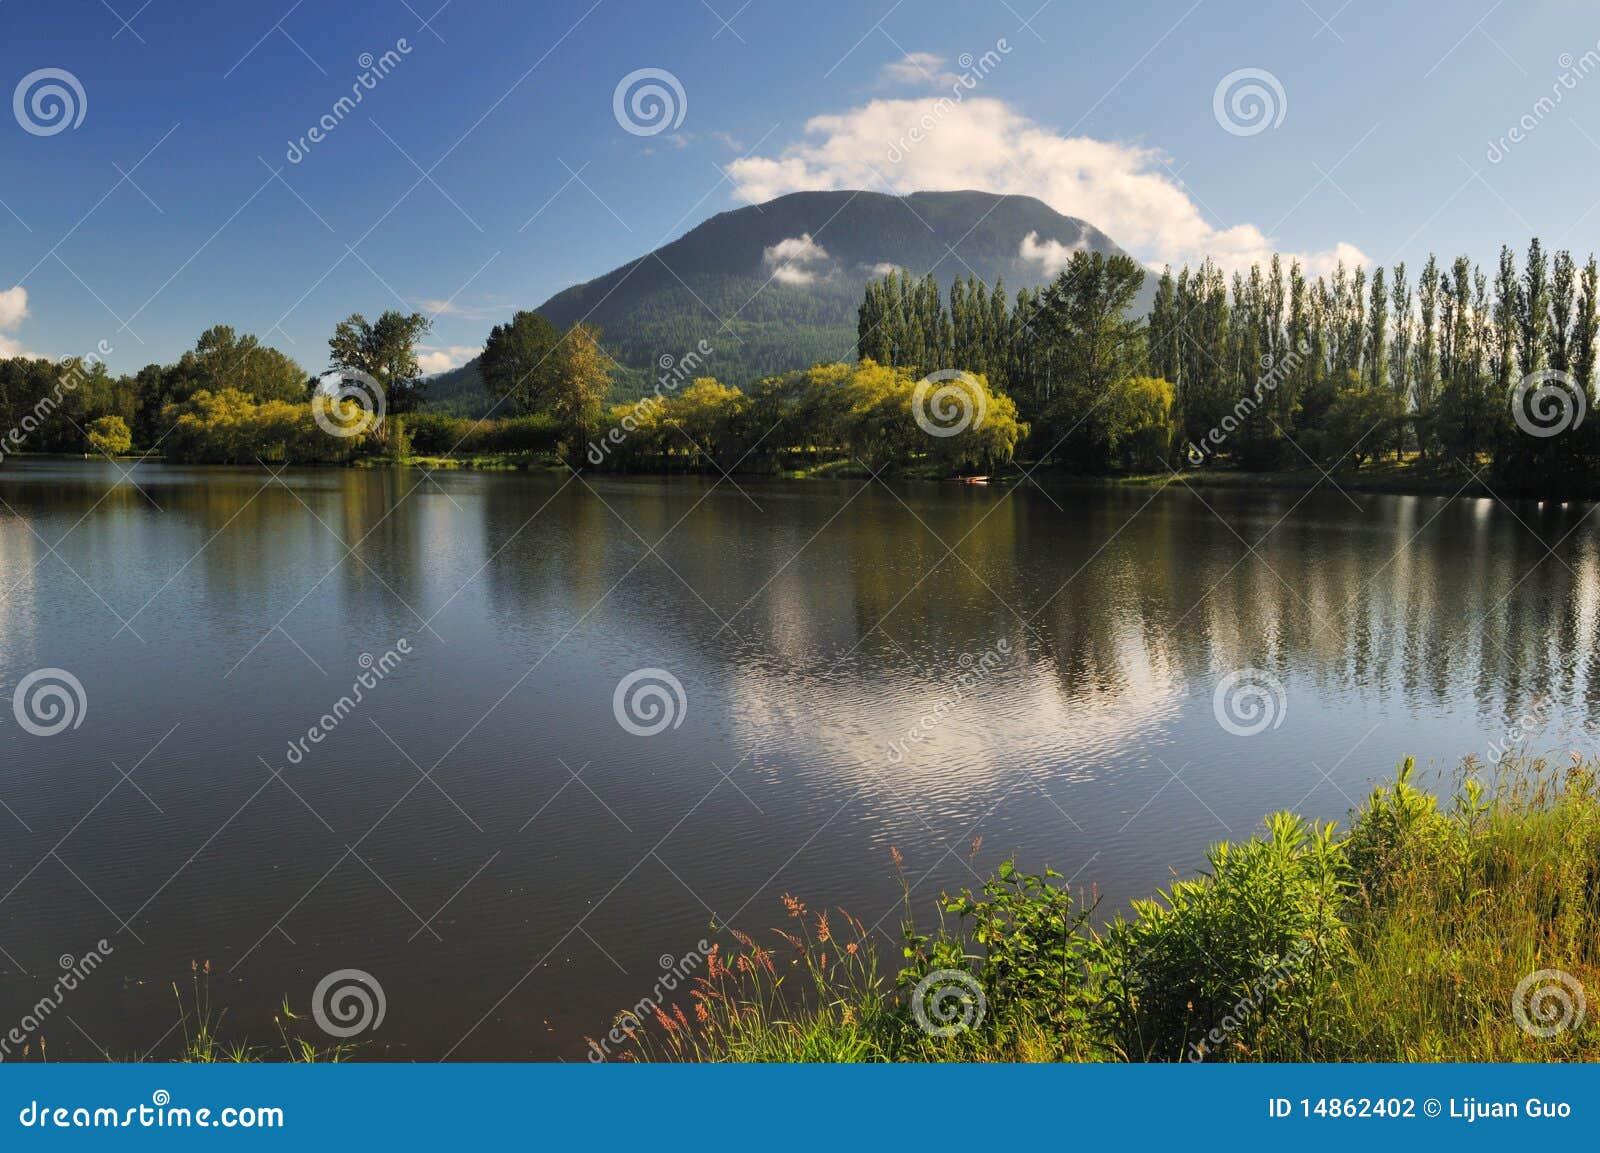 Hatzic Lake in Mission, British Columbia